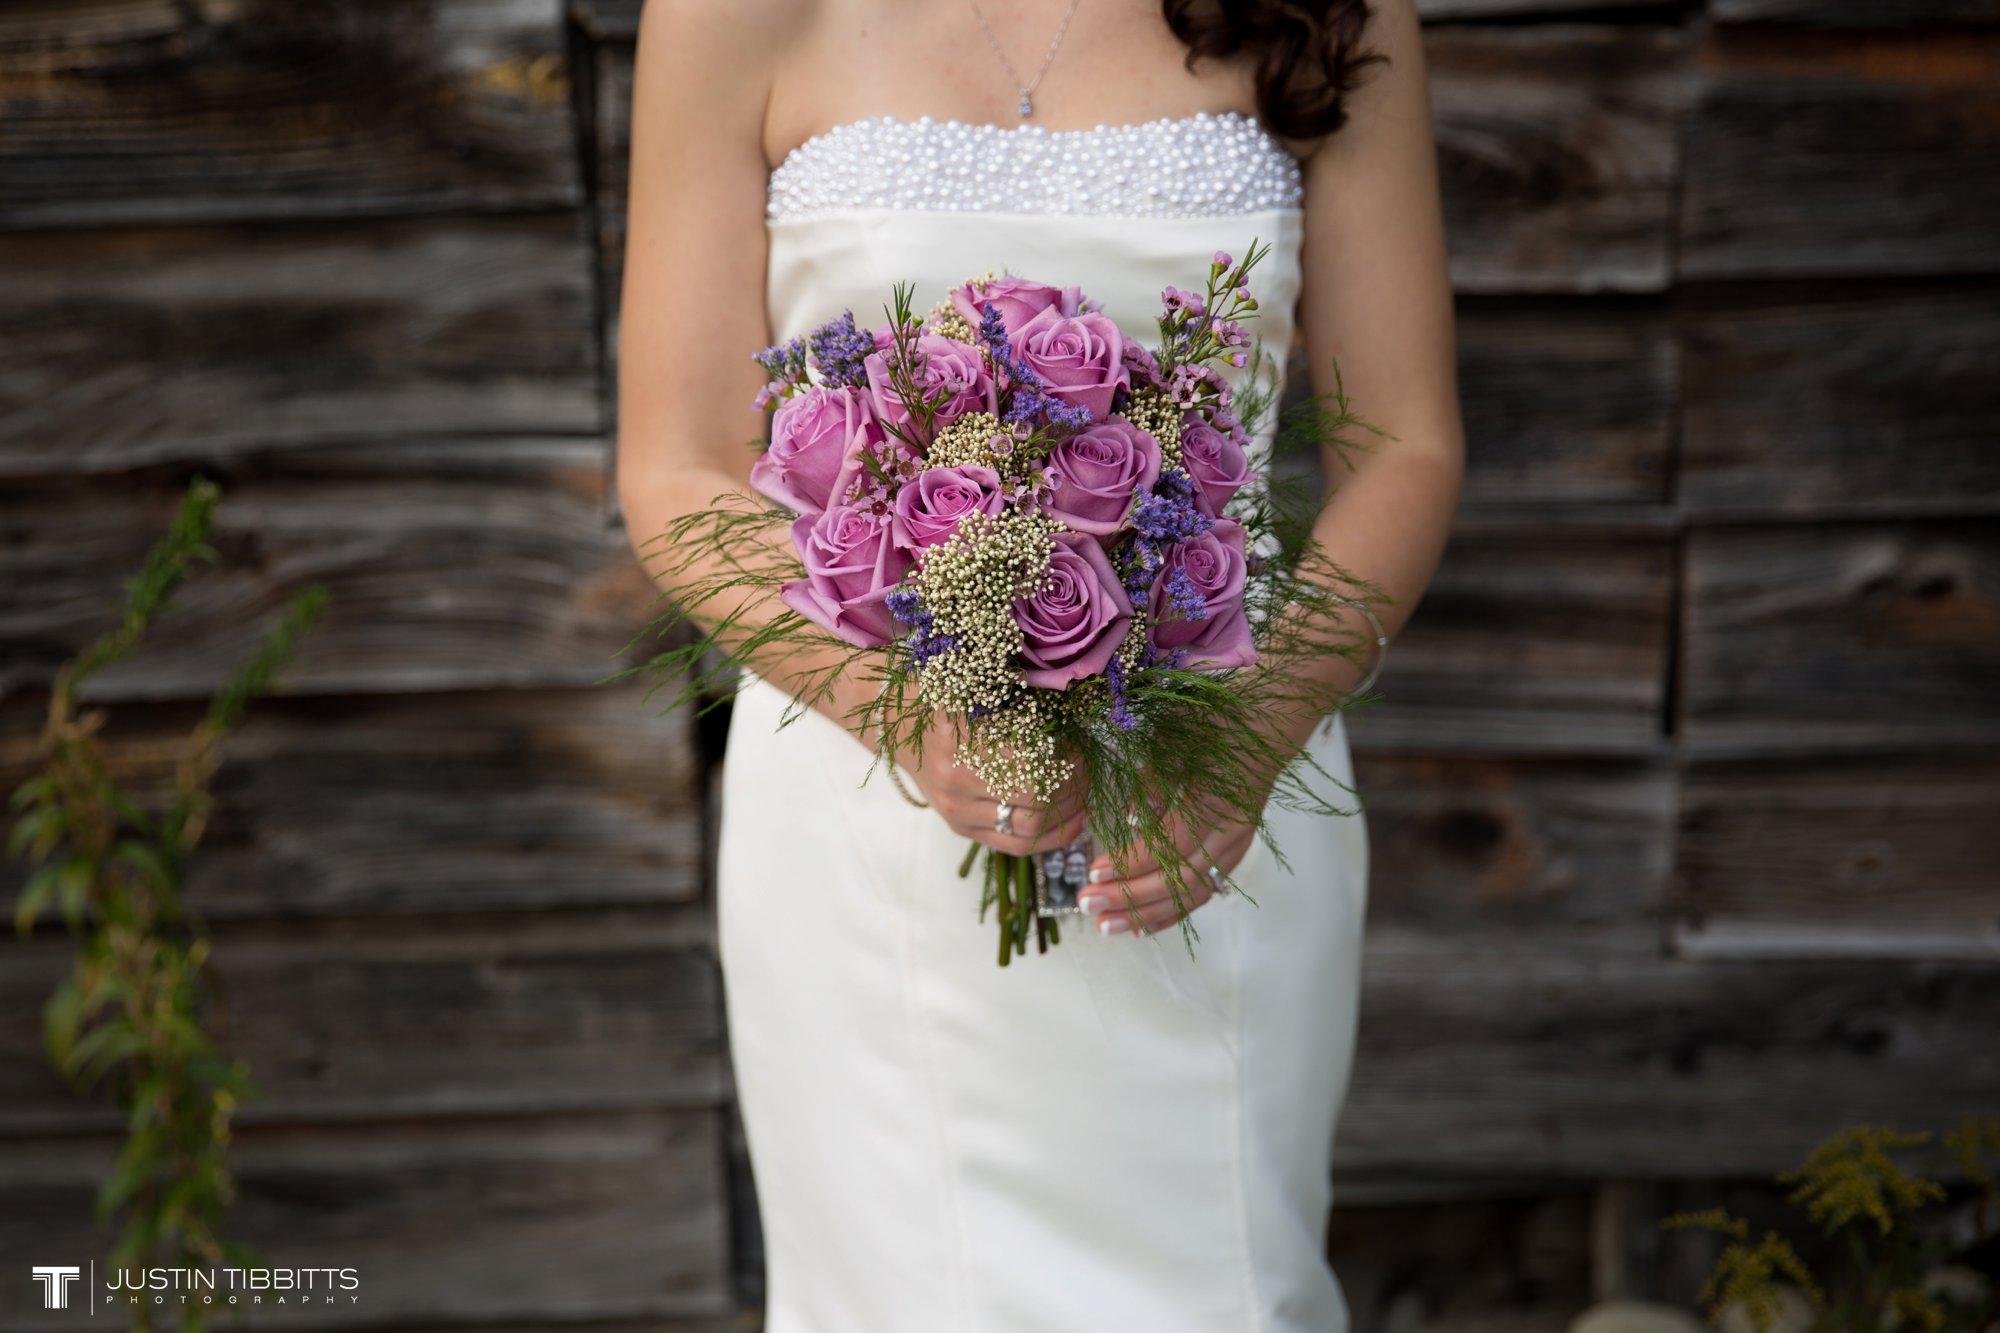 Justin Tibbitts Photography Rob and Brittany's Averill Park, NY Wedding_0398